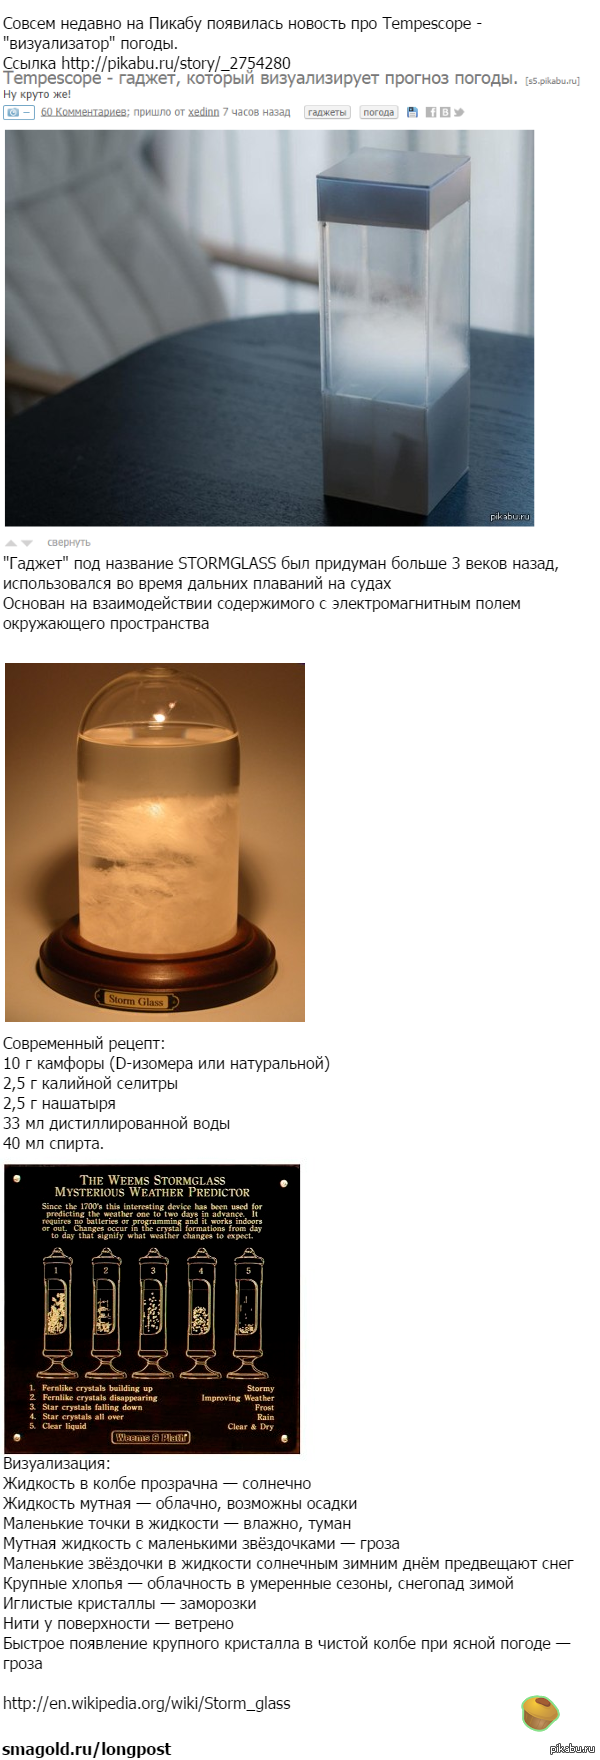 """Визуализатор погоды Tempescope - разоблачение В ответ на <a href=""""http://pikabu.ru/story/_2754280"""">http://pikabu.ru/story/_2754280</a>"""